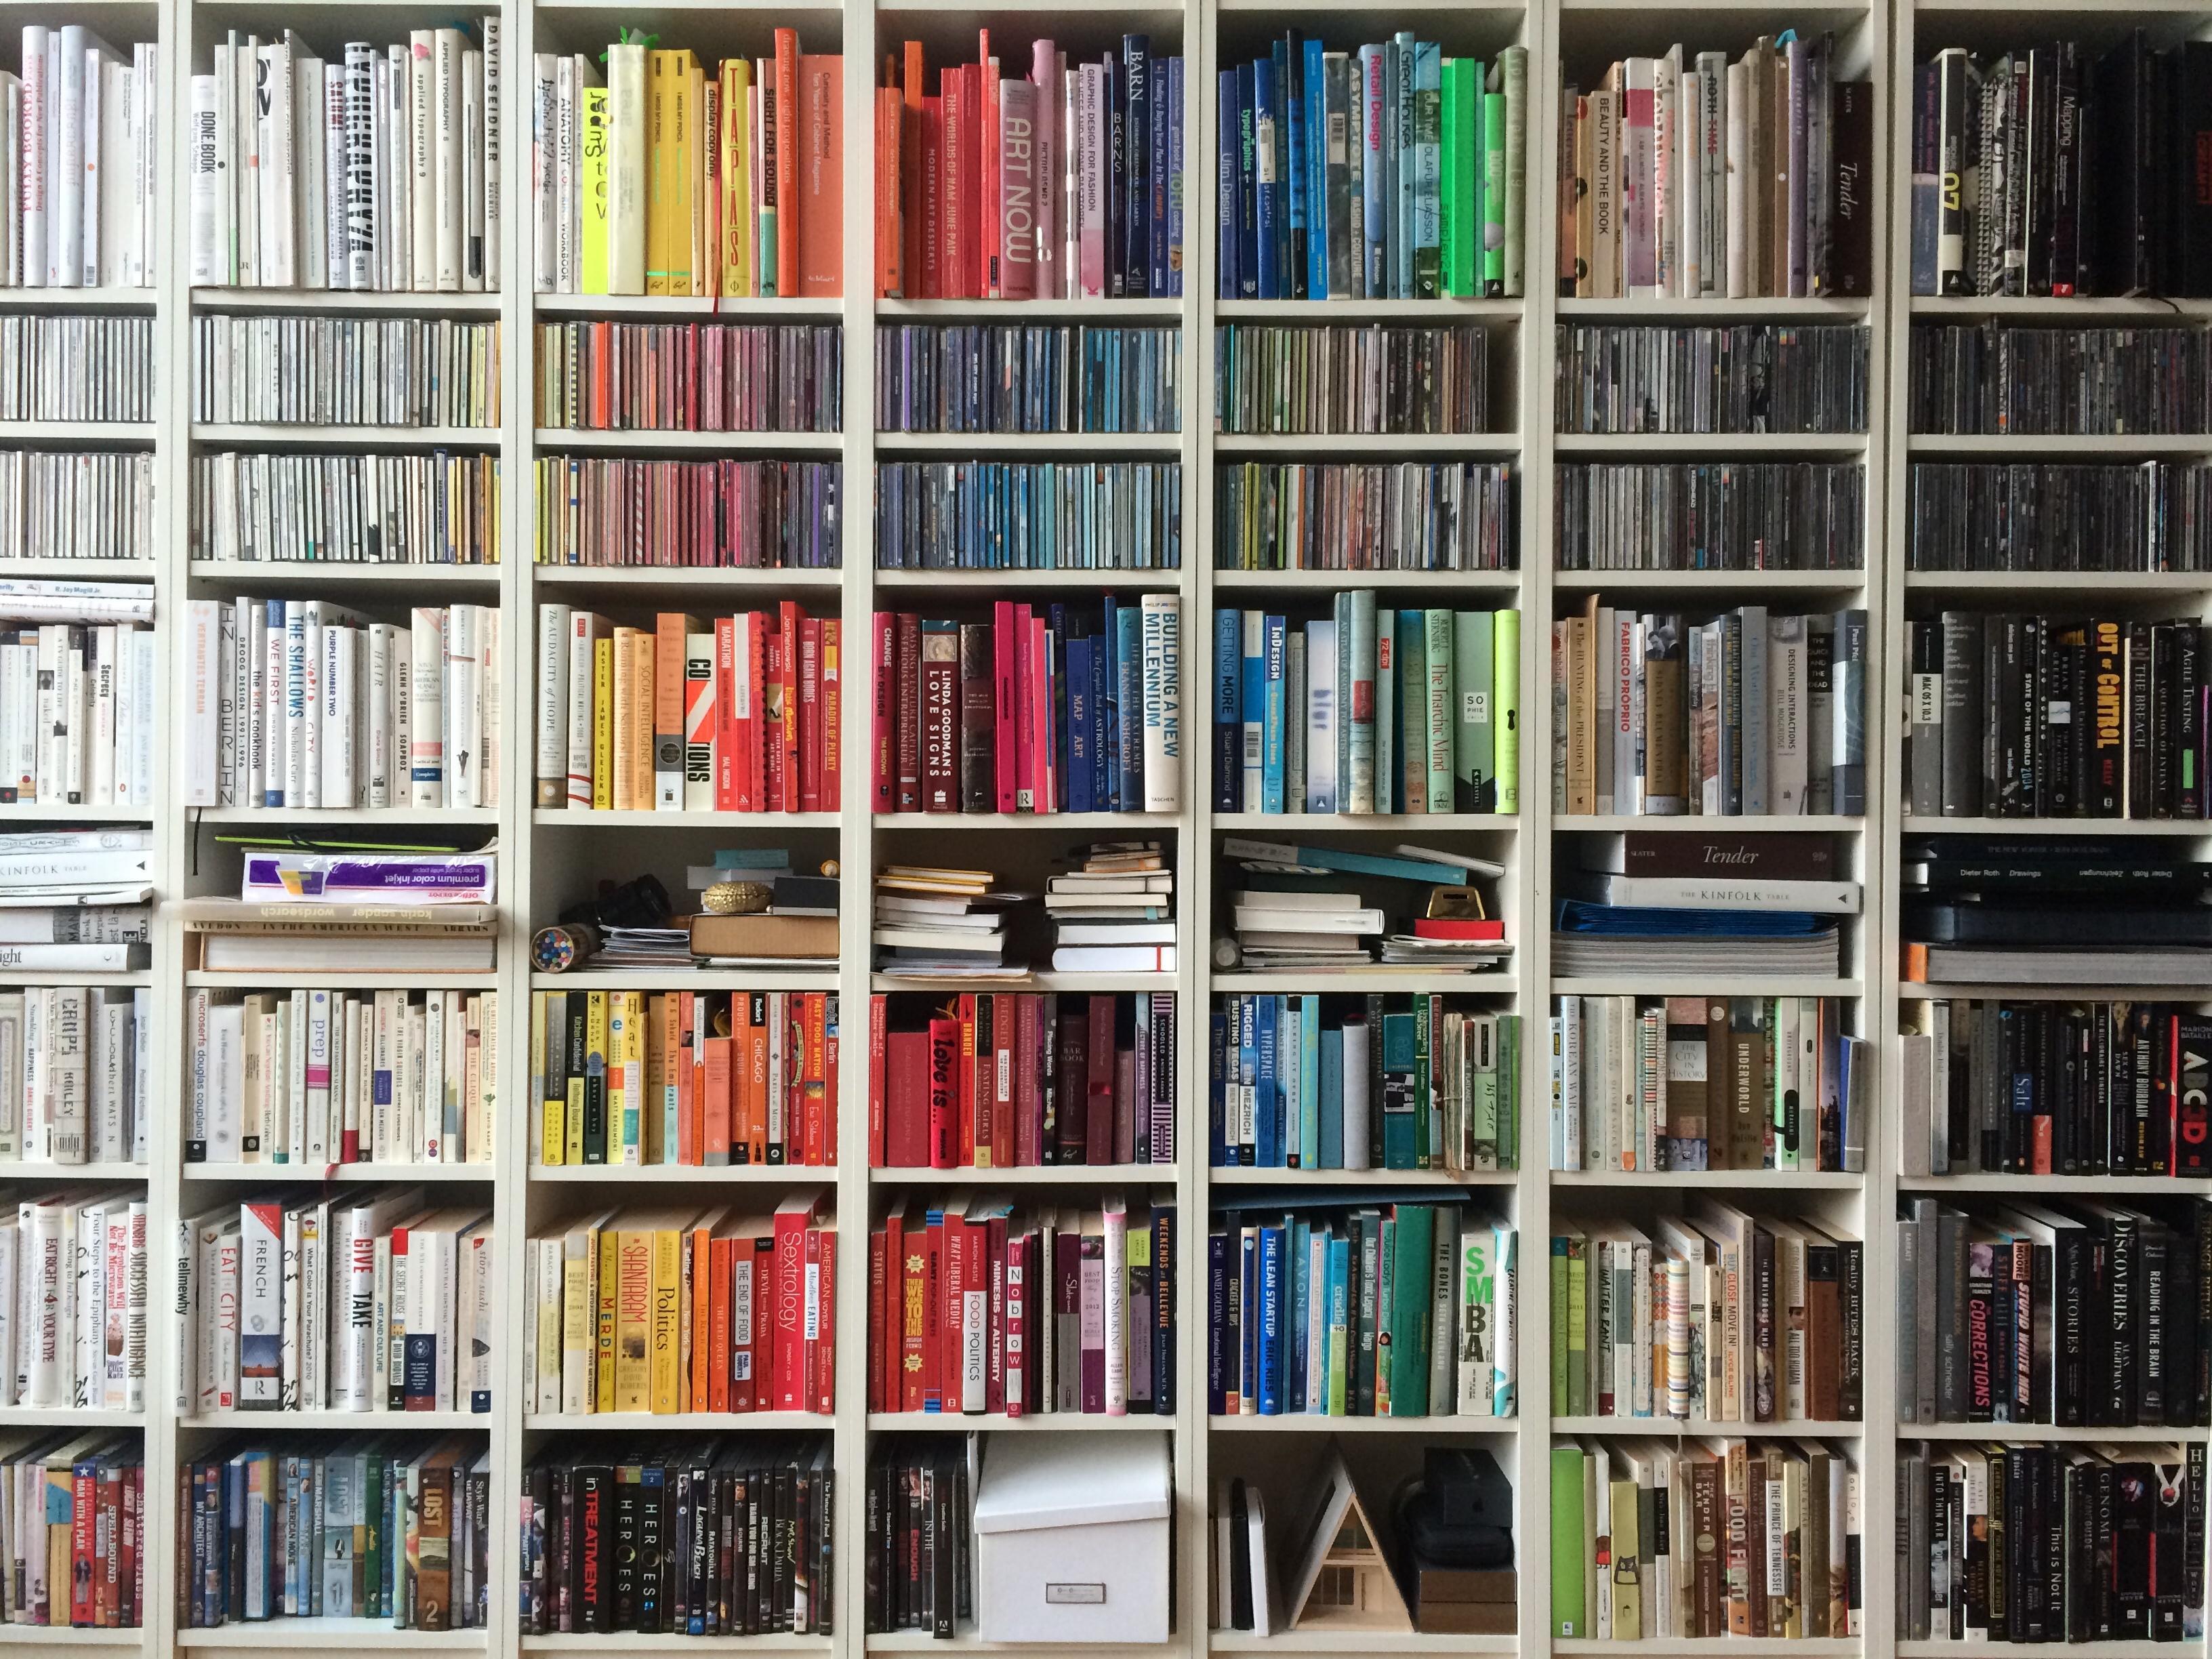 http://www.morguefile.com/archive#/?q=books&sort=pop&photo_lib=morgueFile